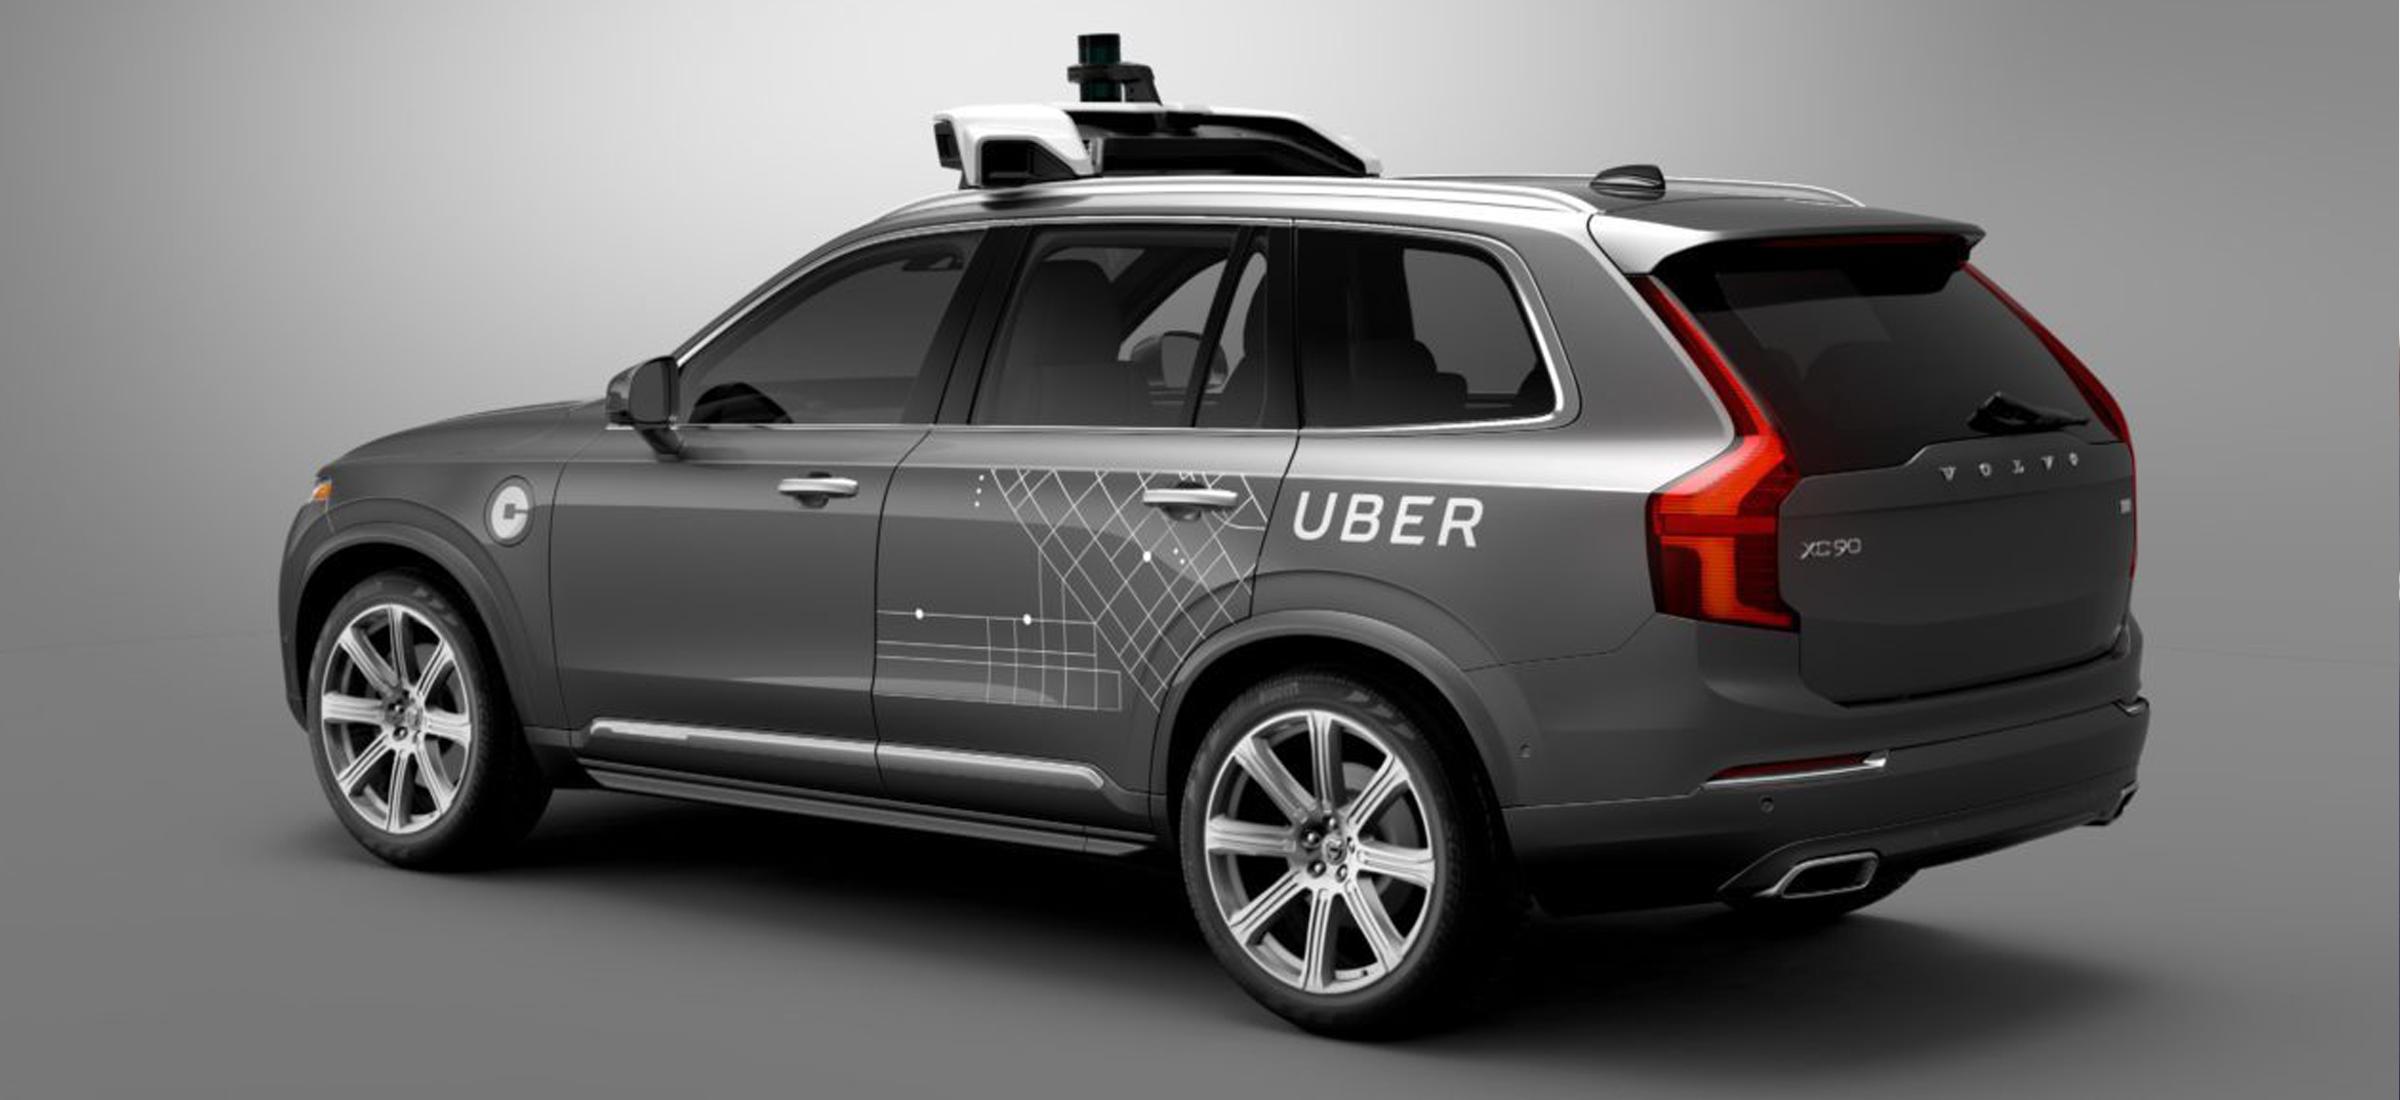 Kalifornia-zezwala-na-w-pełni-autonomiczne-testy-samochodów